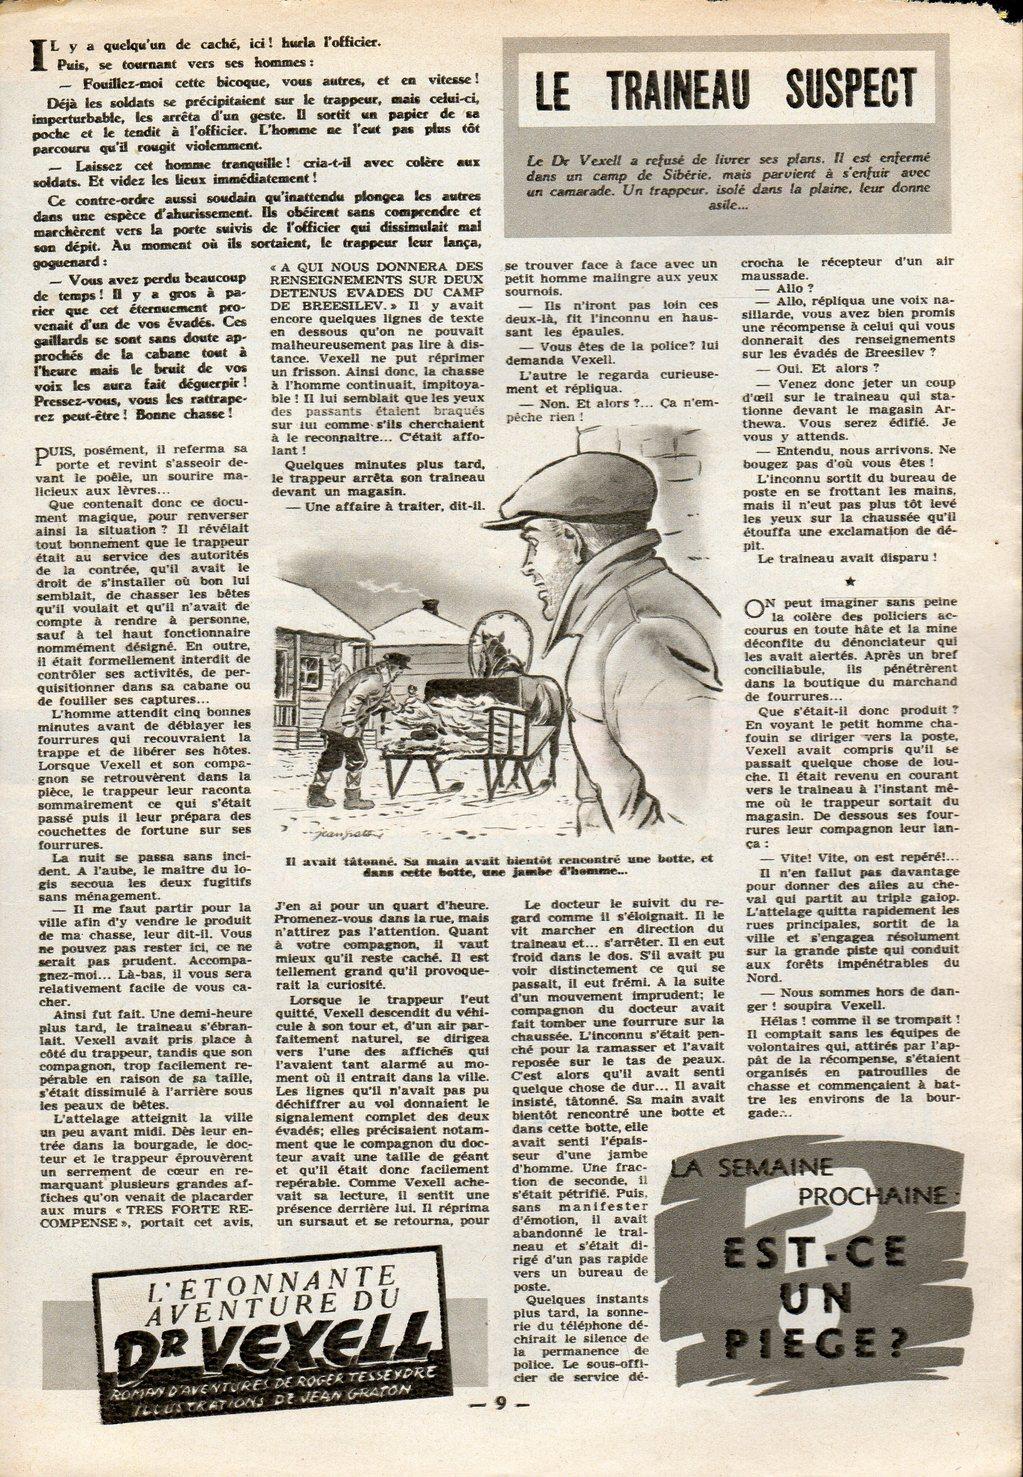 Jean Graton - Tintin 1954 - Dr Vexell (37)